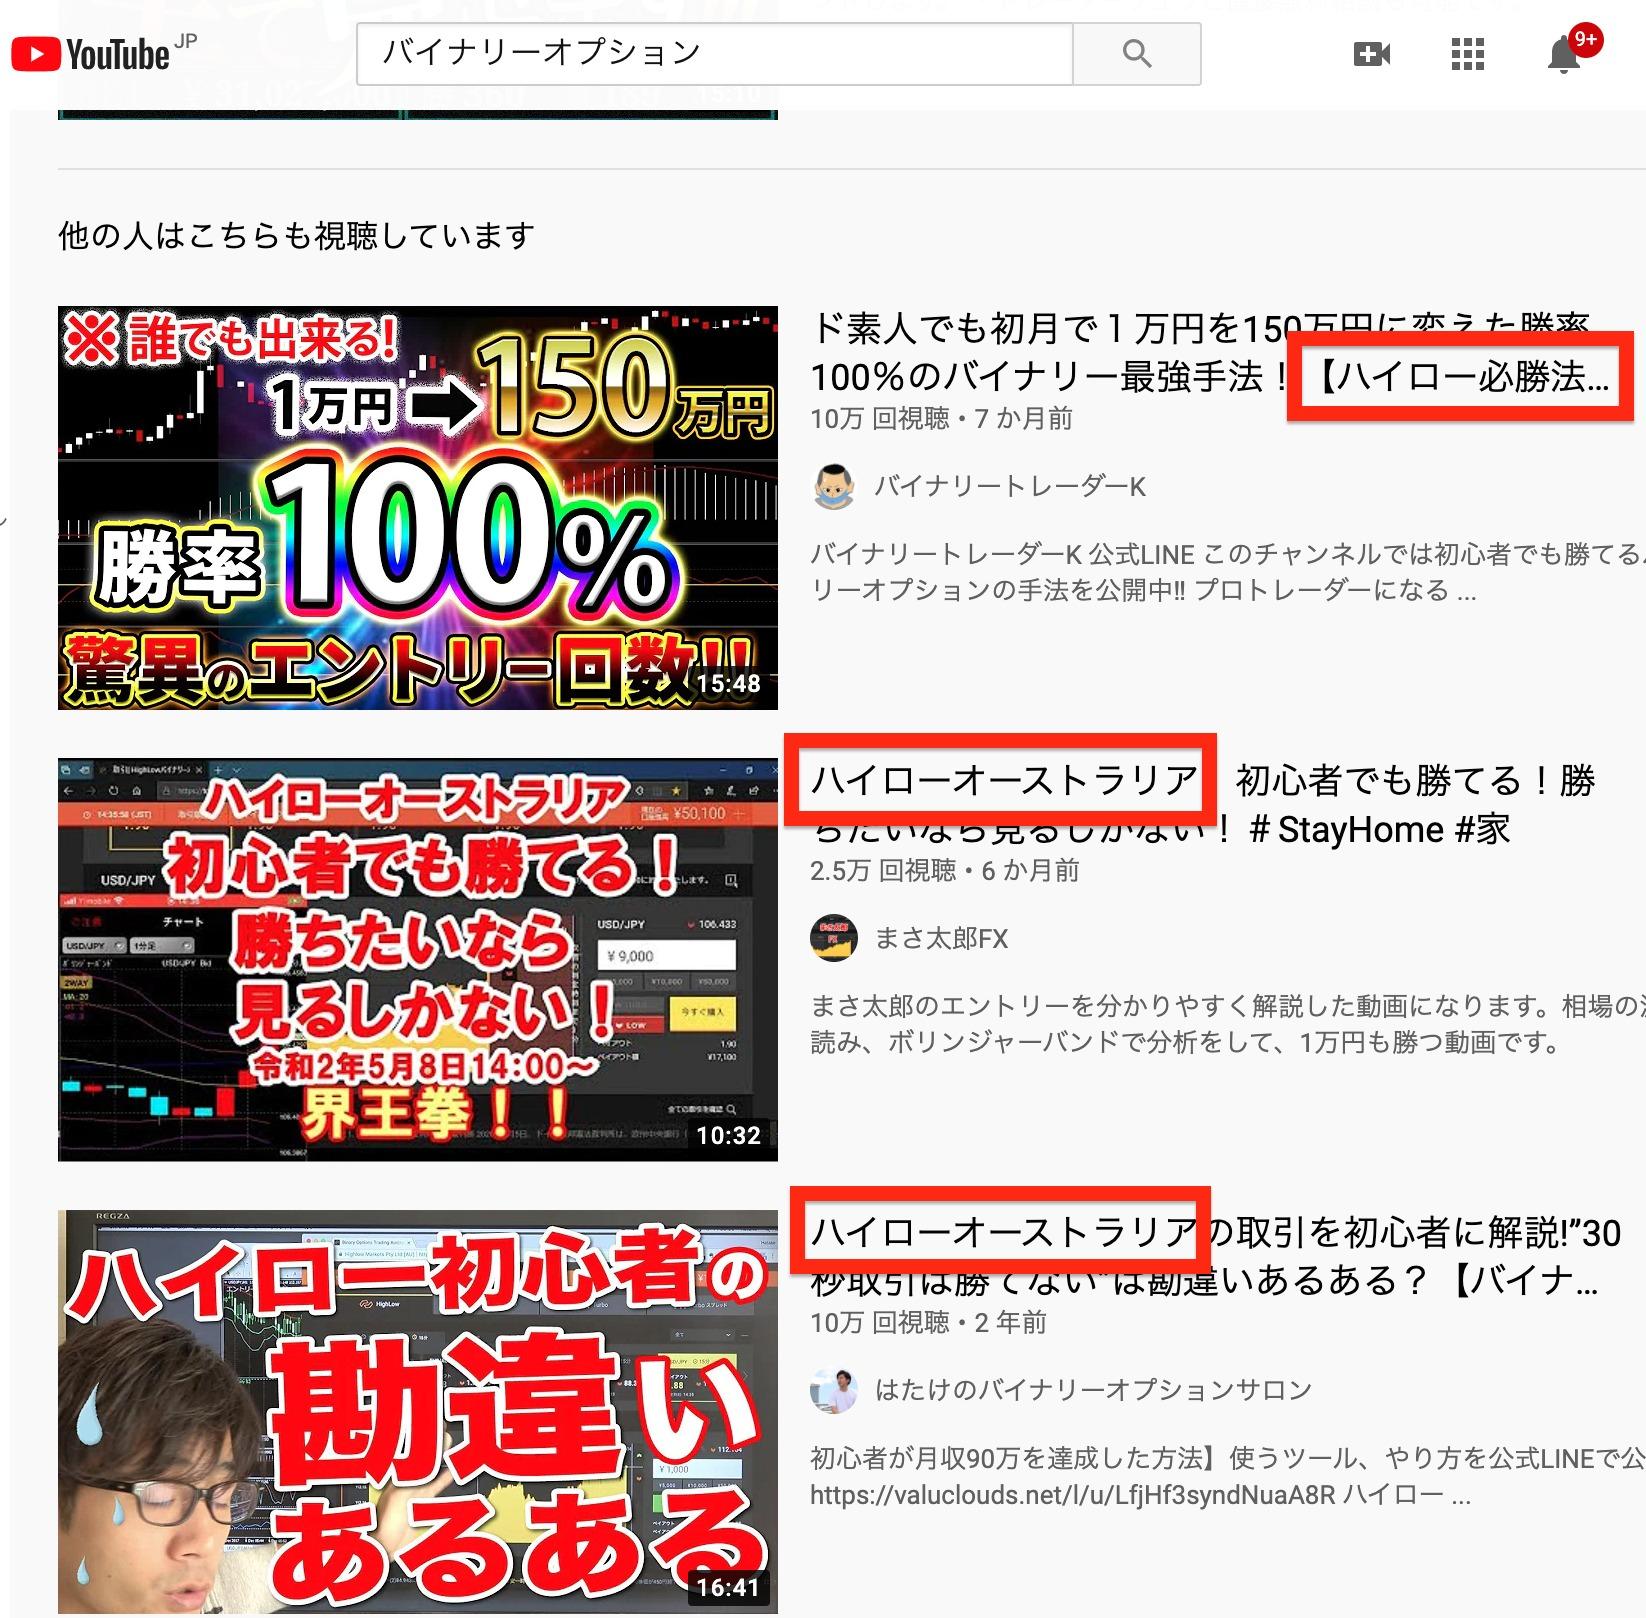 ハイロー YouTube